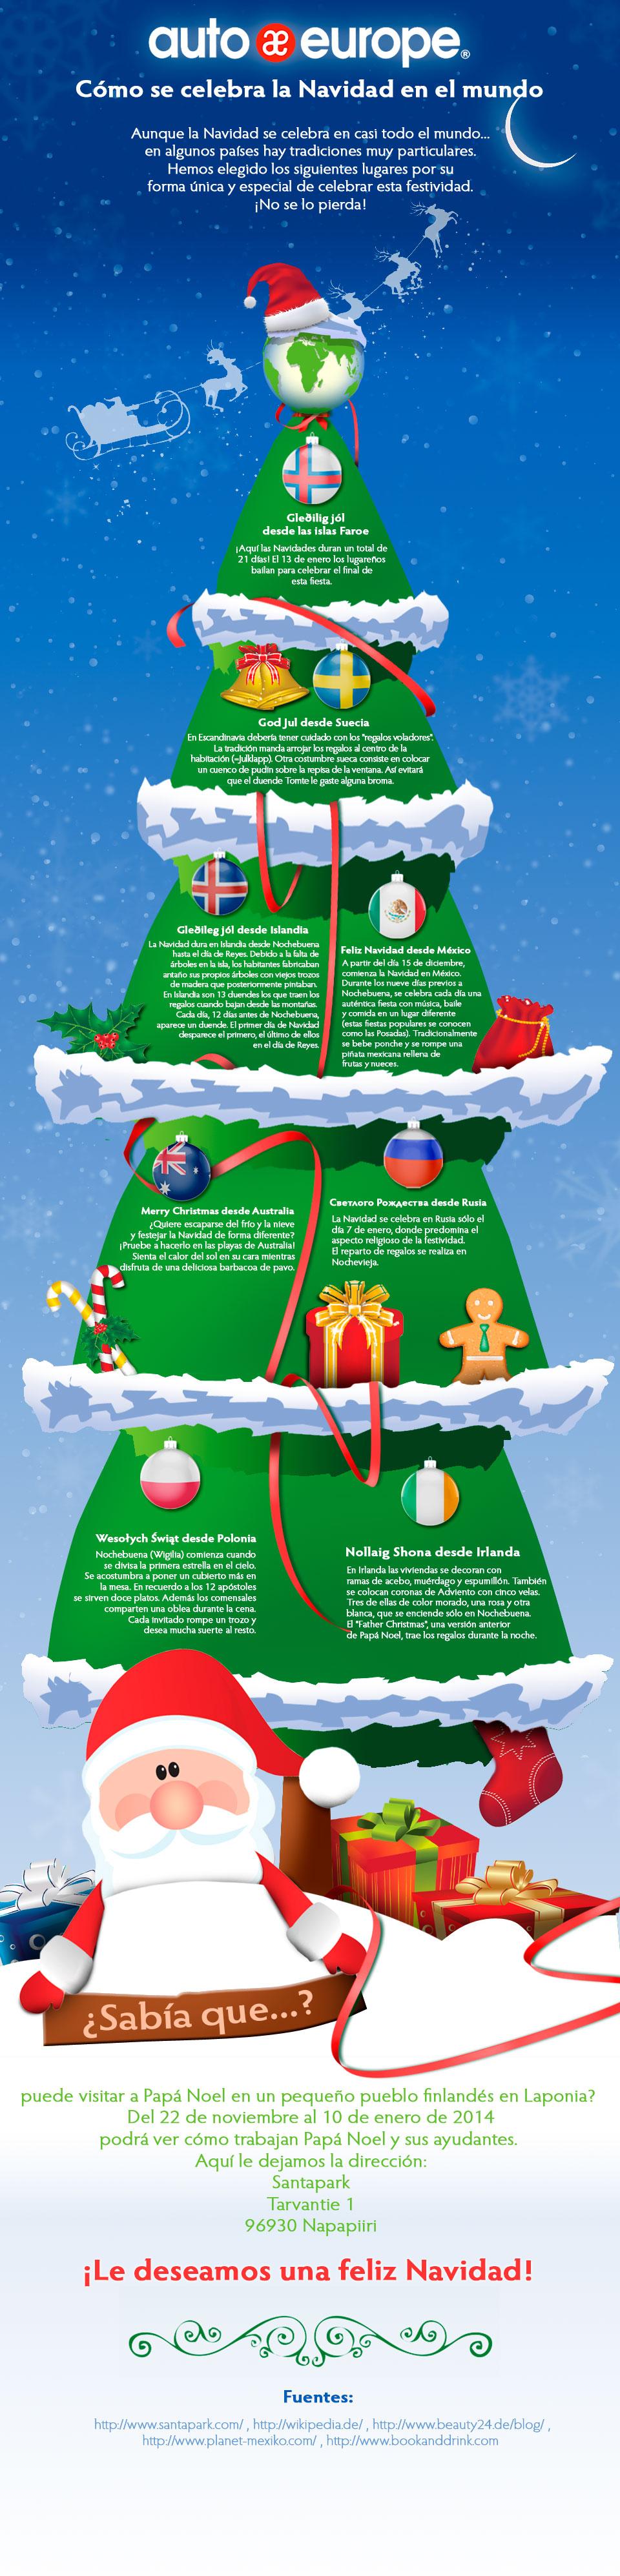 Alquiler de coches Auto Europe - Cómo se celebra la Navidad en todo el mundo